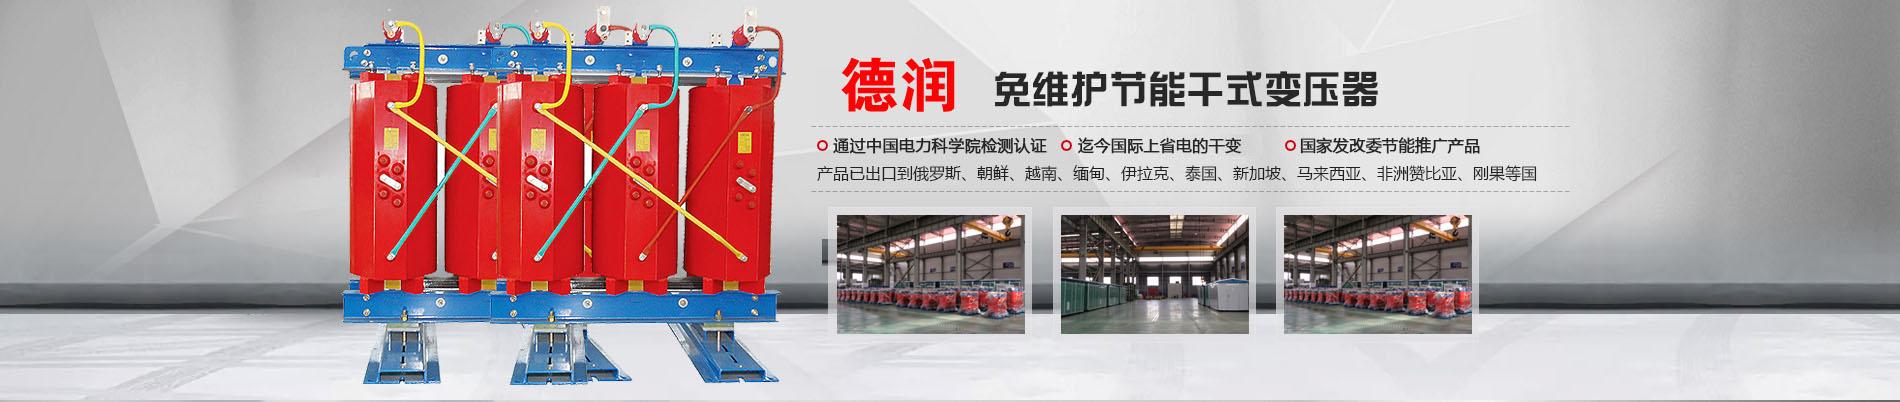 济宁干式变压器厂家